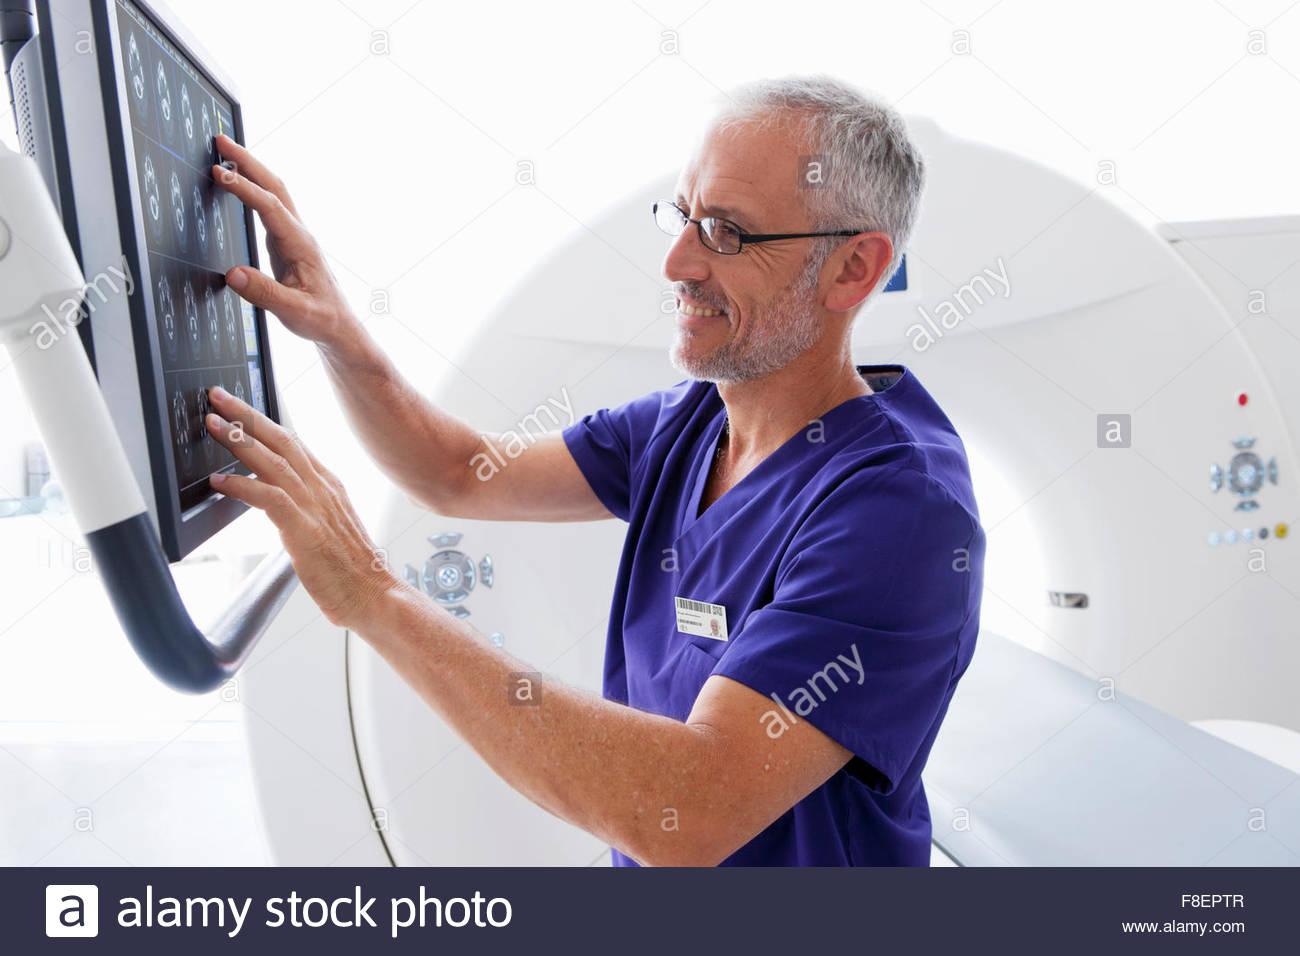 Überprüfung der digitalen Gehirn-Scan am Computer-Monitor neben CT-Scanner im Krankenhaus Arzt Stockbild